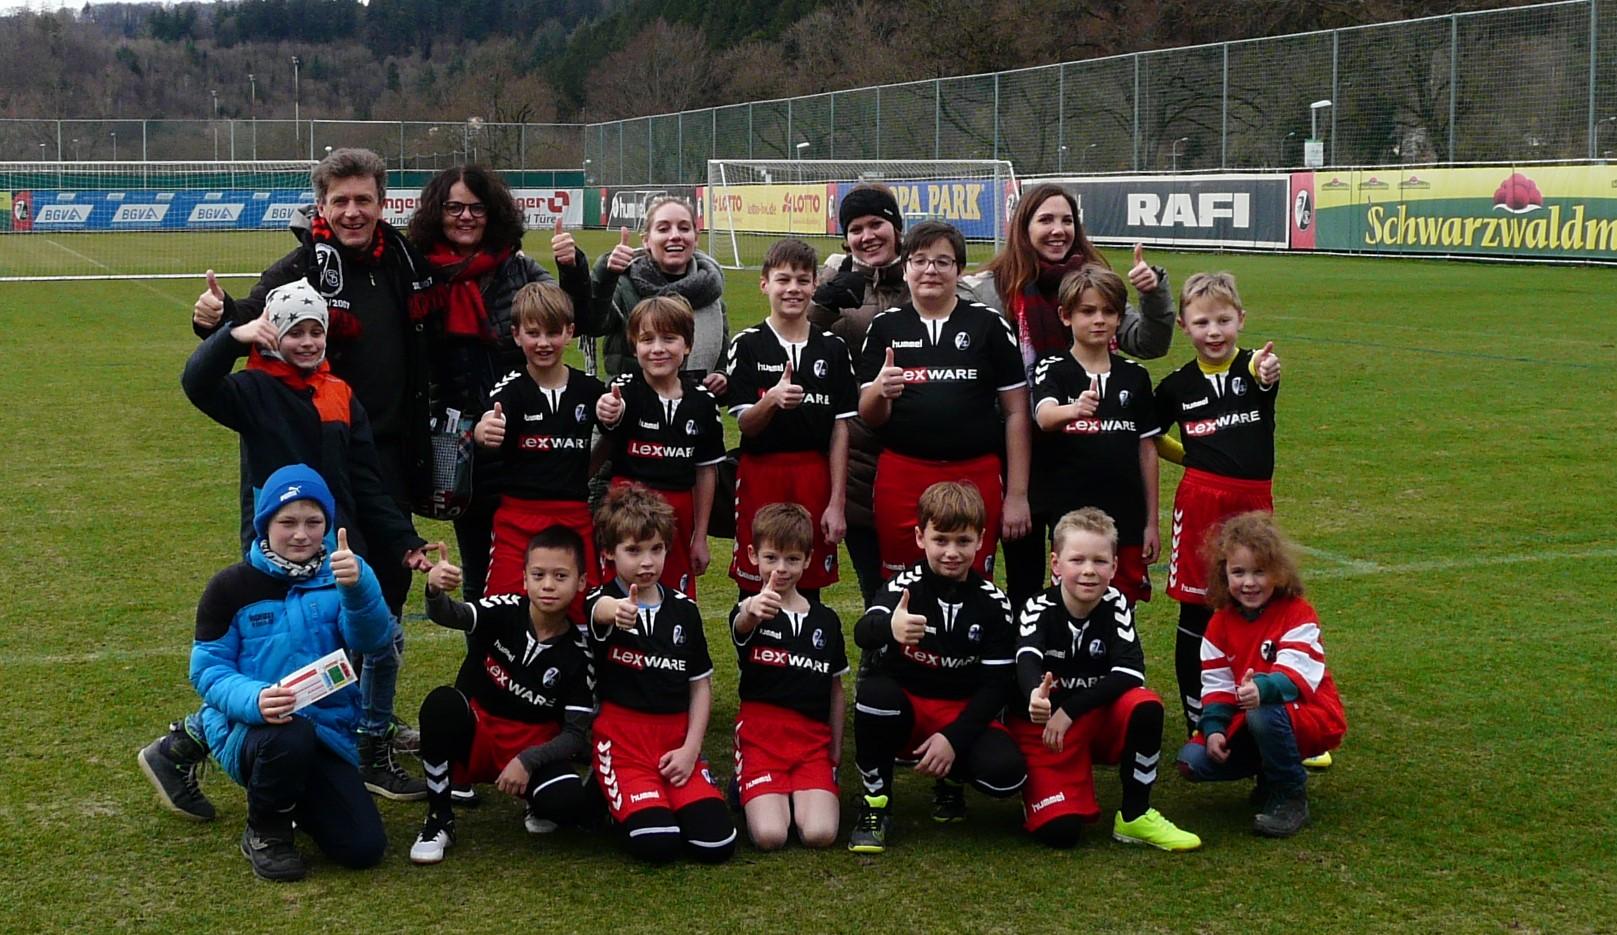 2019-01-26 KWS im Schwarzwald-Stadion - Kopie